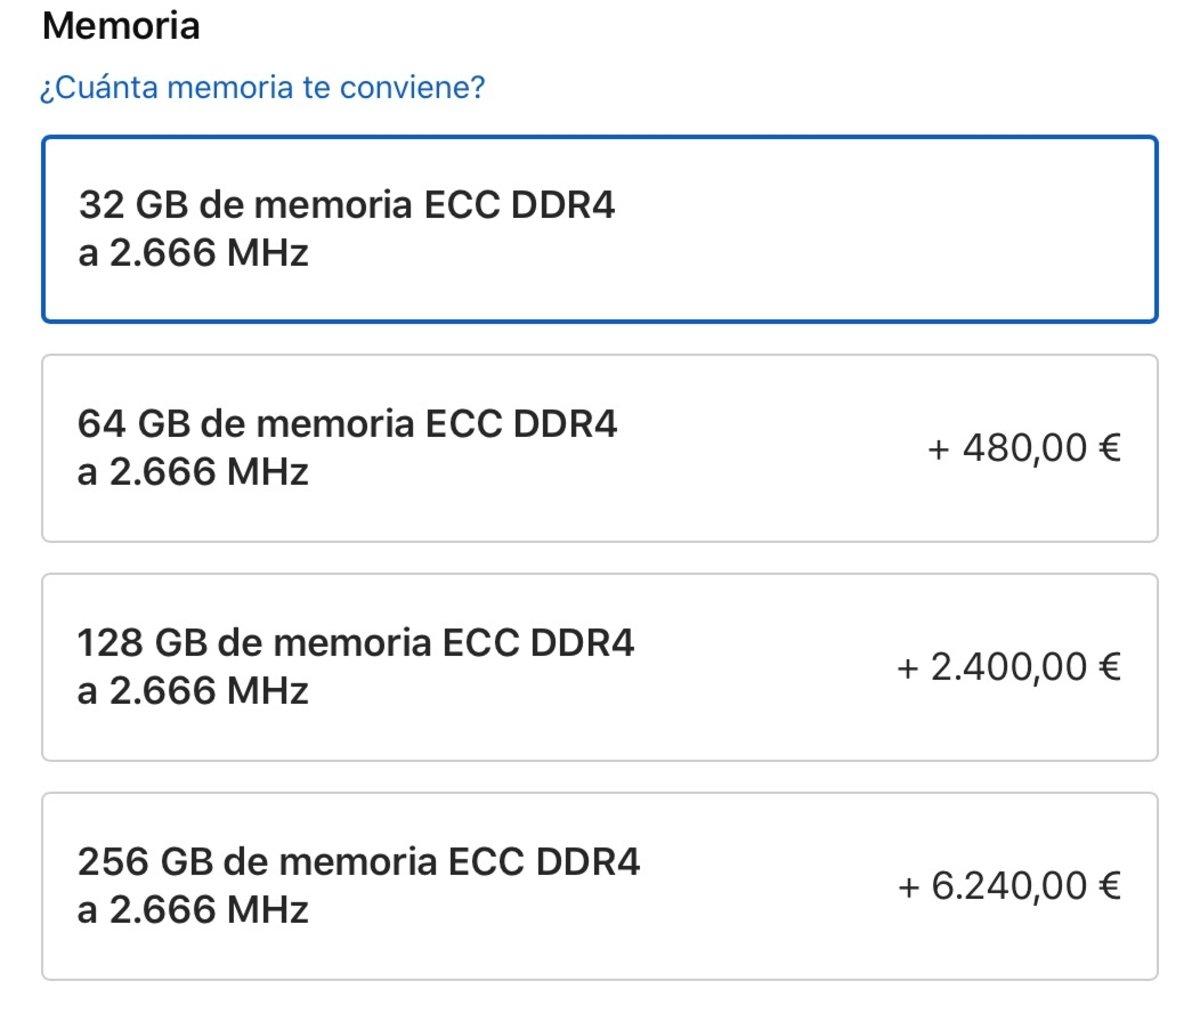 Por solo 6.240 euros extra puedes tener 256 GB de RAM en el nuevo iMac Pro